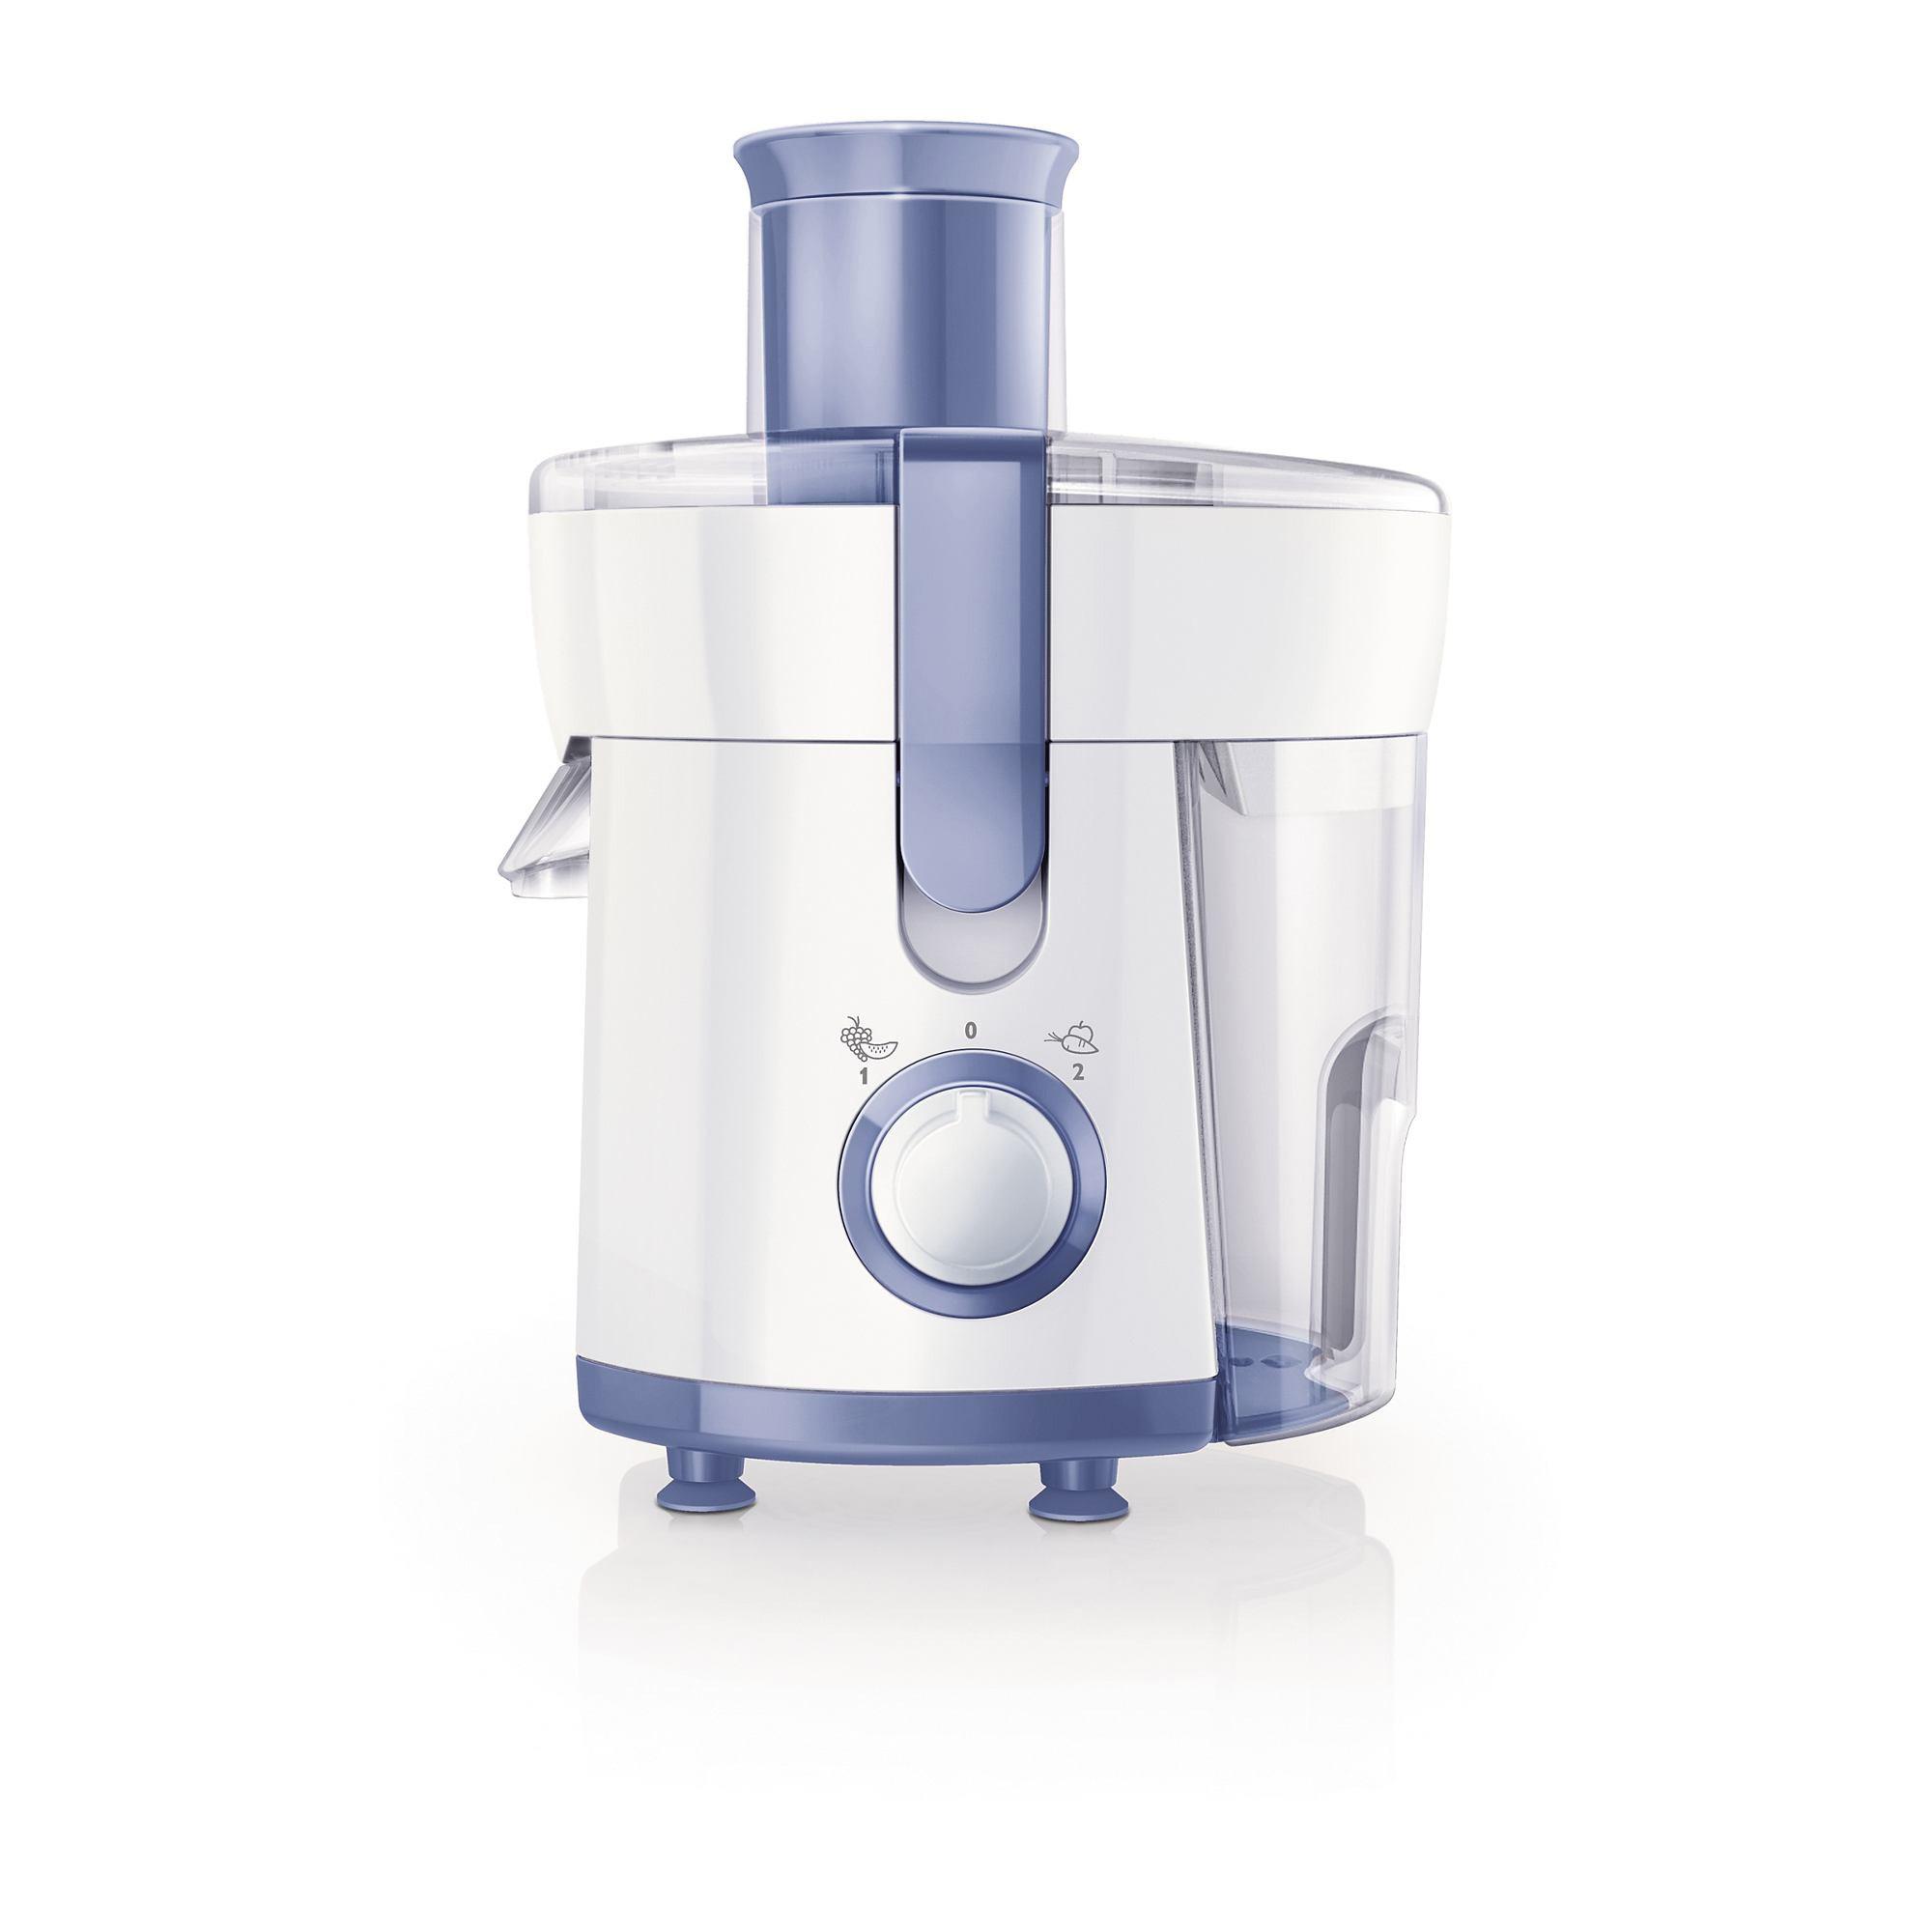 飞利浦 不锈钢塑料 HR1811 70榨汁机价格,图片,品牌信息 齐家网产品库